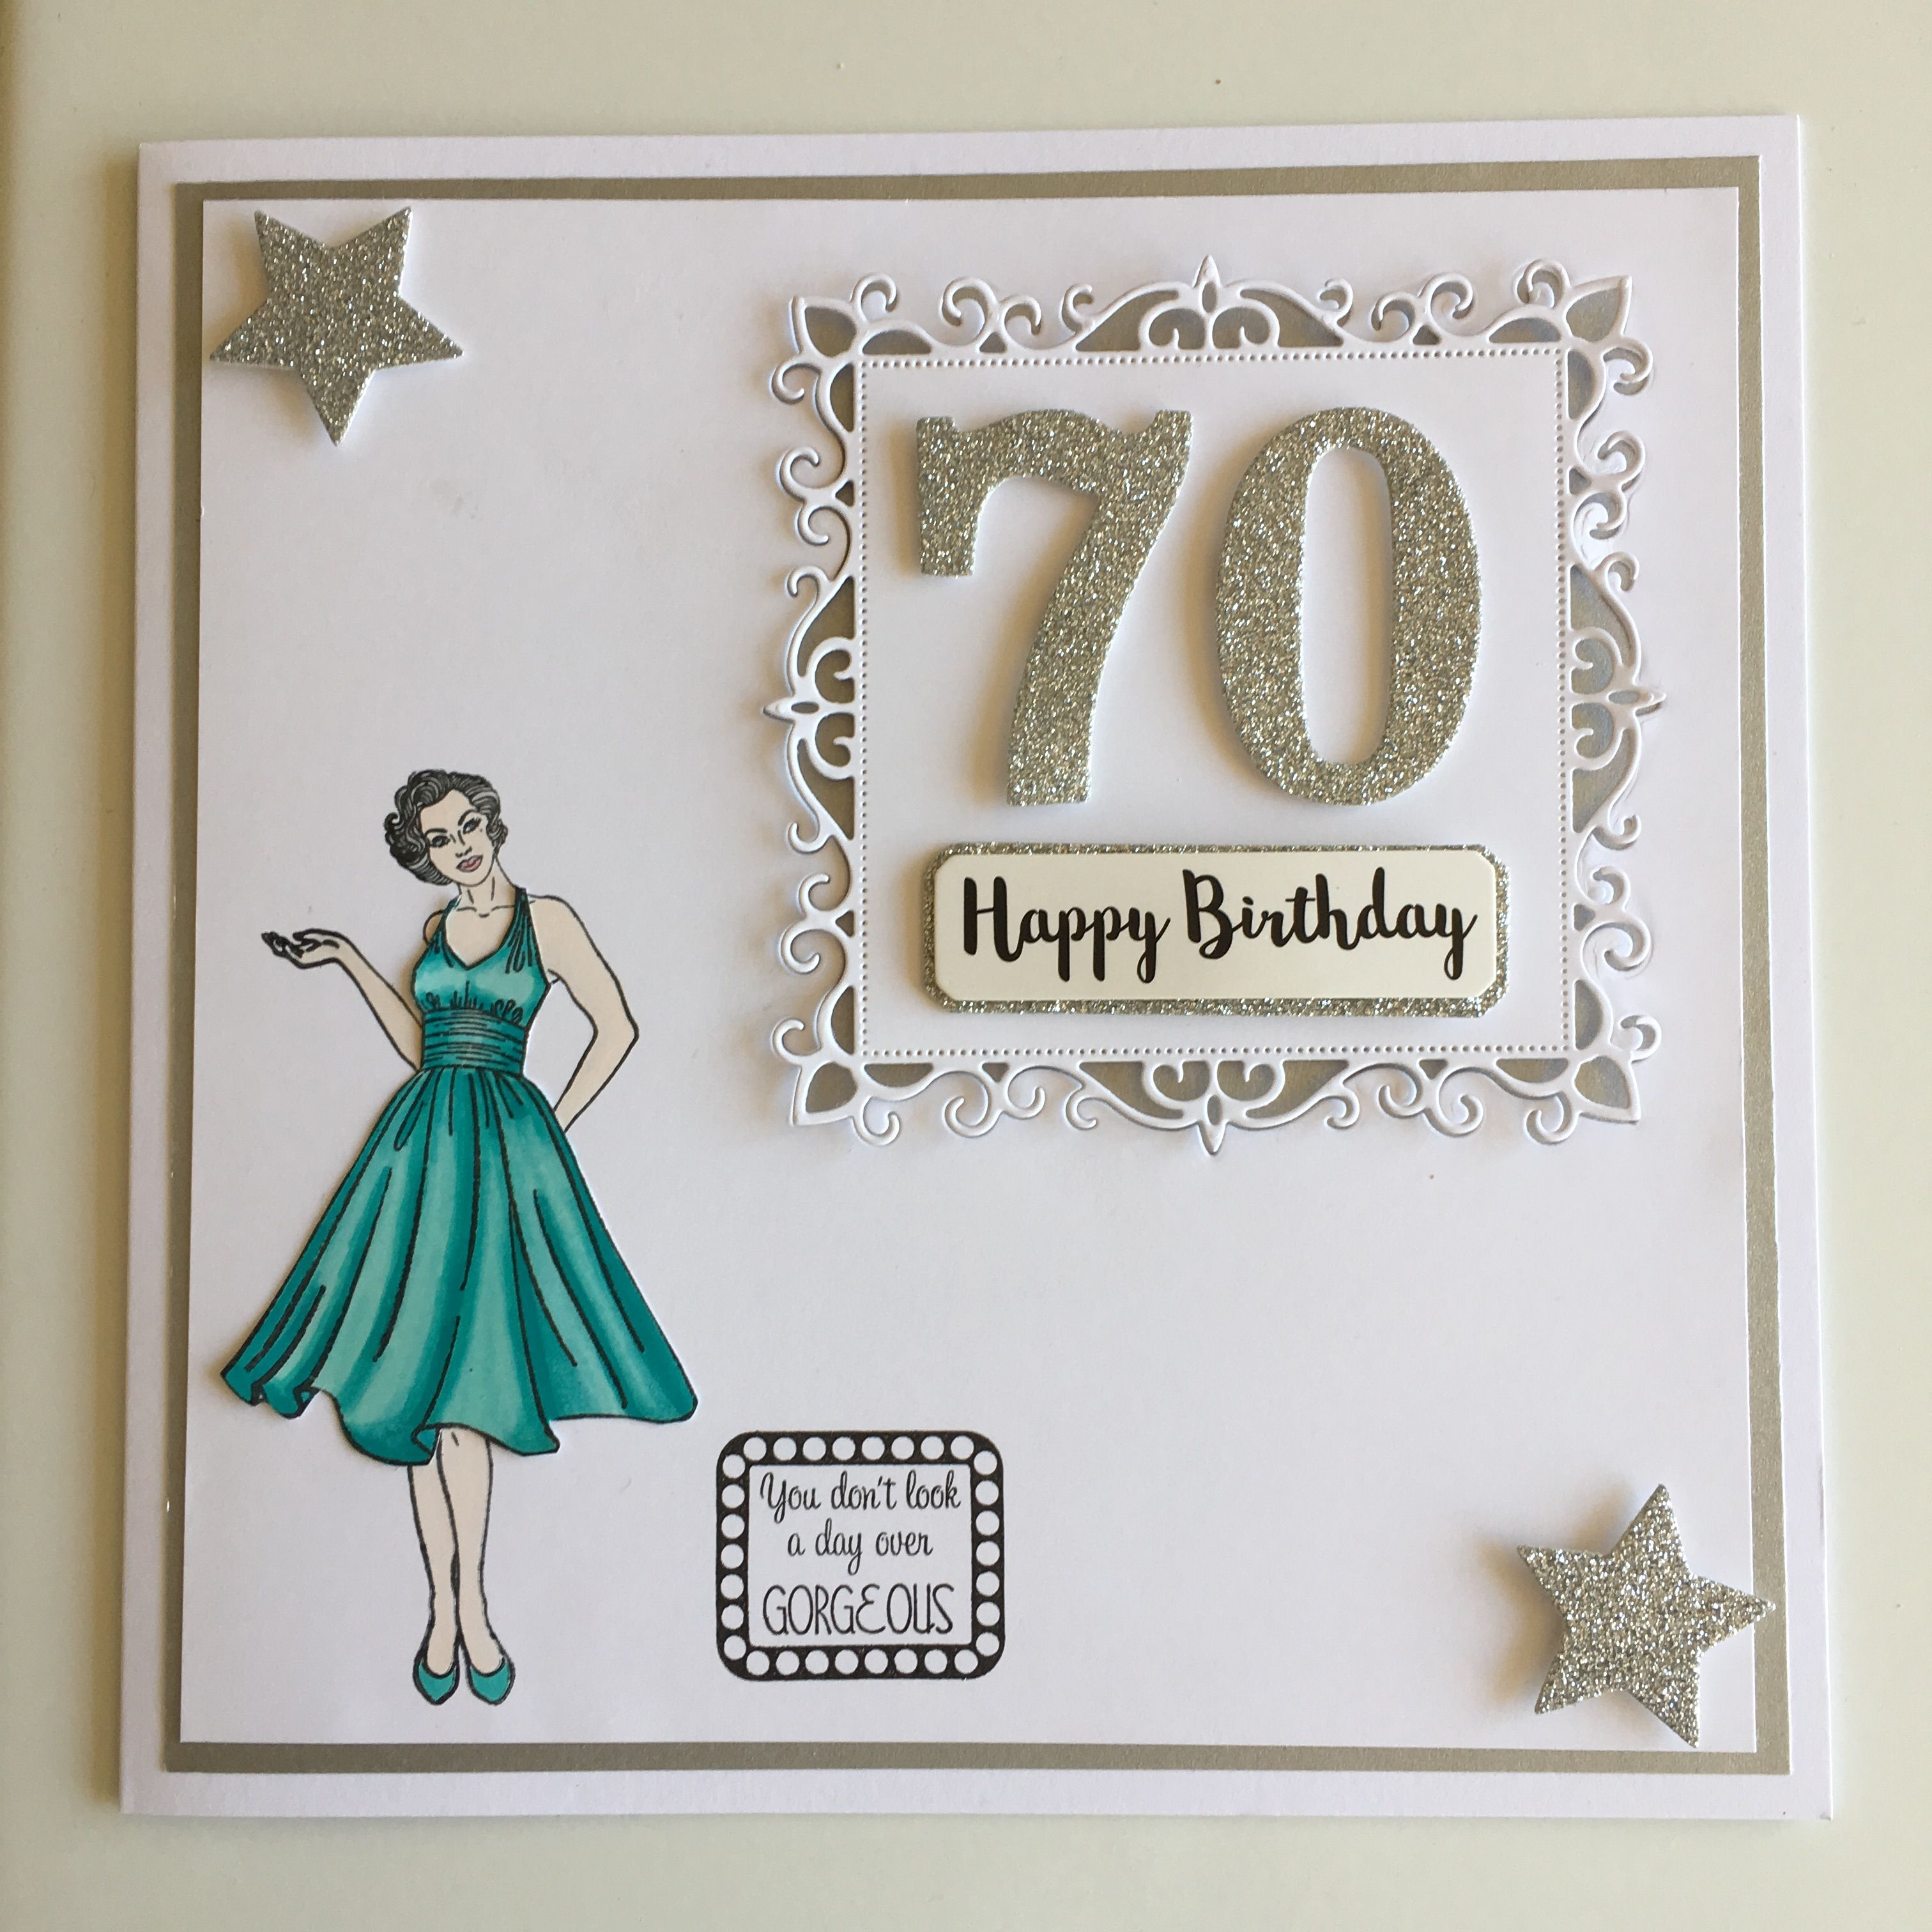 Mum S 70th Birthday Card By Fe Fe 70th Birthday Card Card Making Birthday Diy 70th Birthday Cards